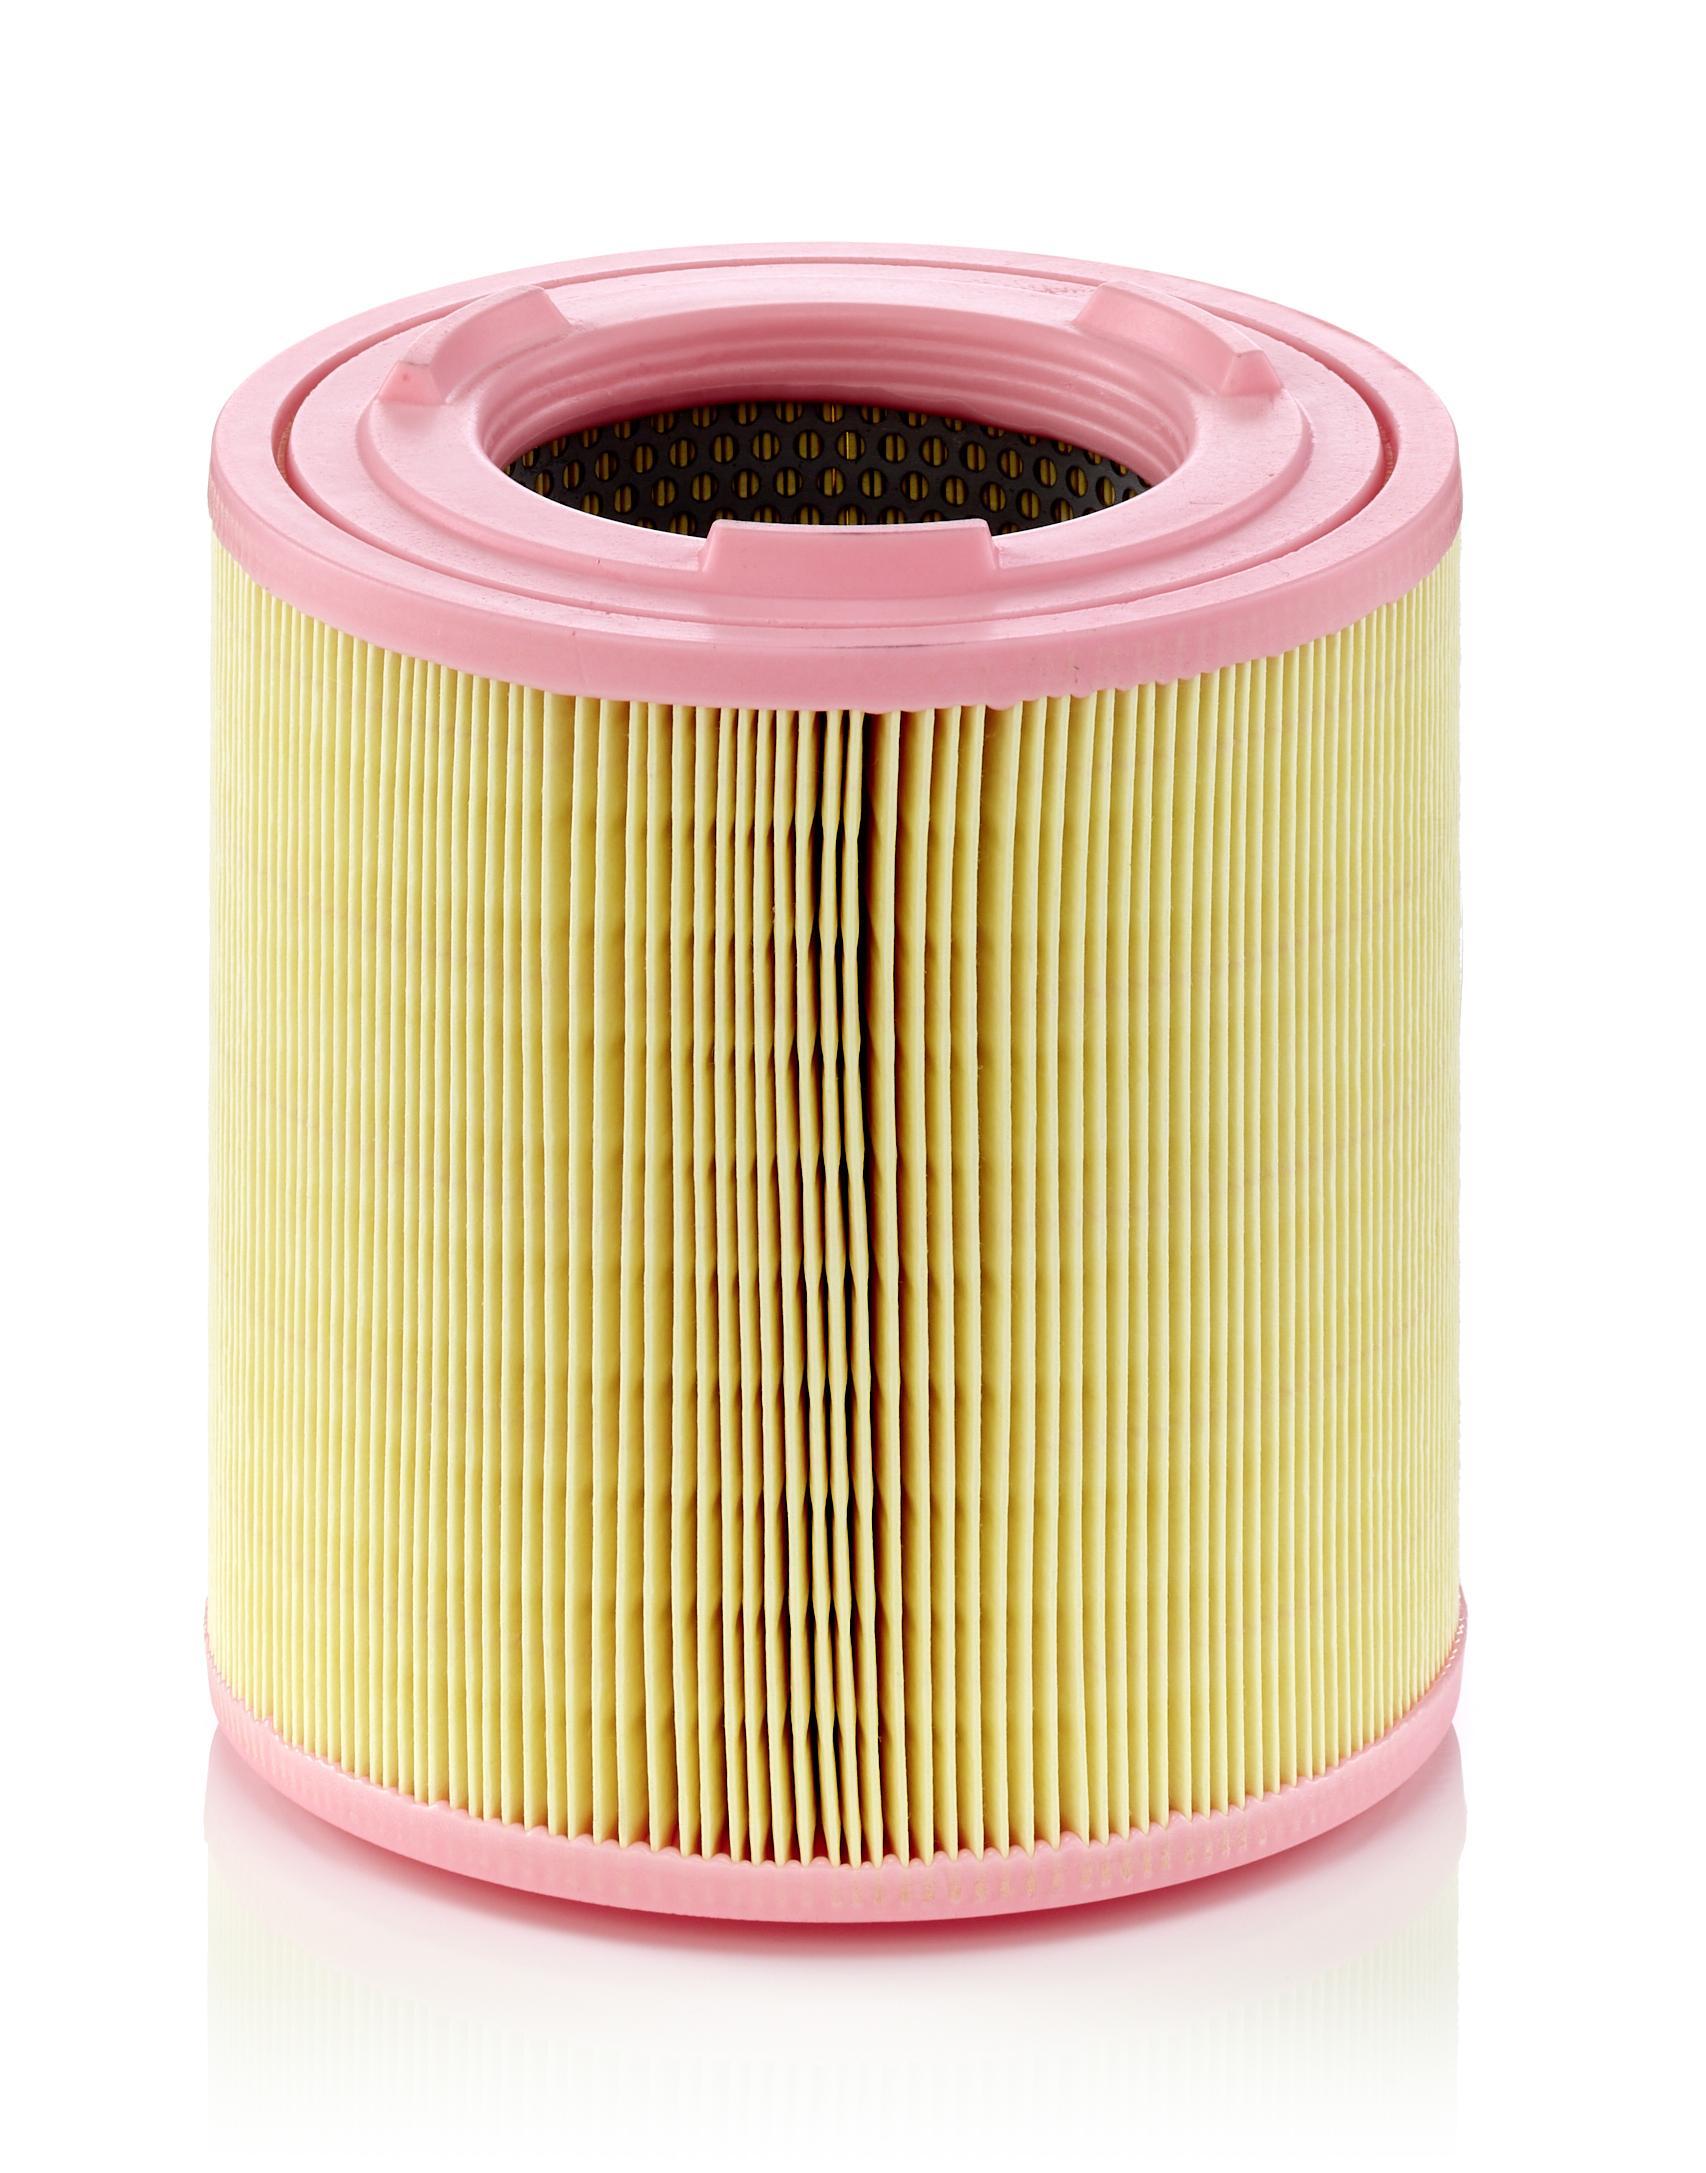 MANN-FILTER: Original Motorluftfilter C 18 149/1 (Höhe: 184mm)